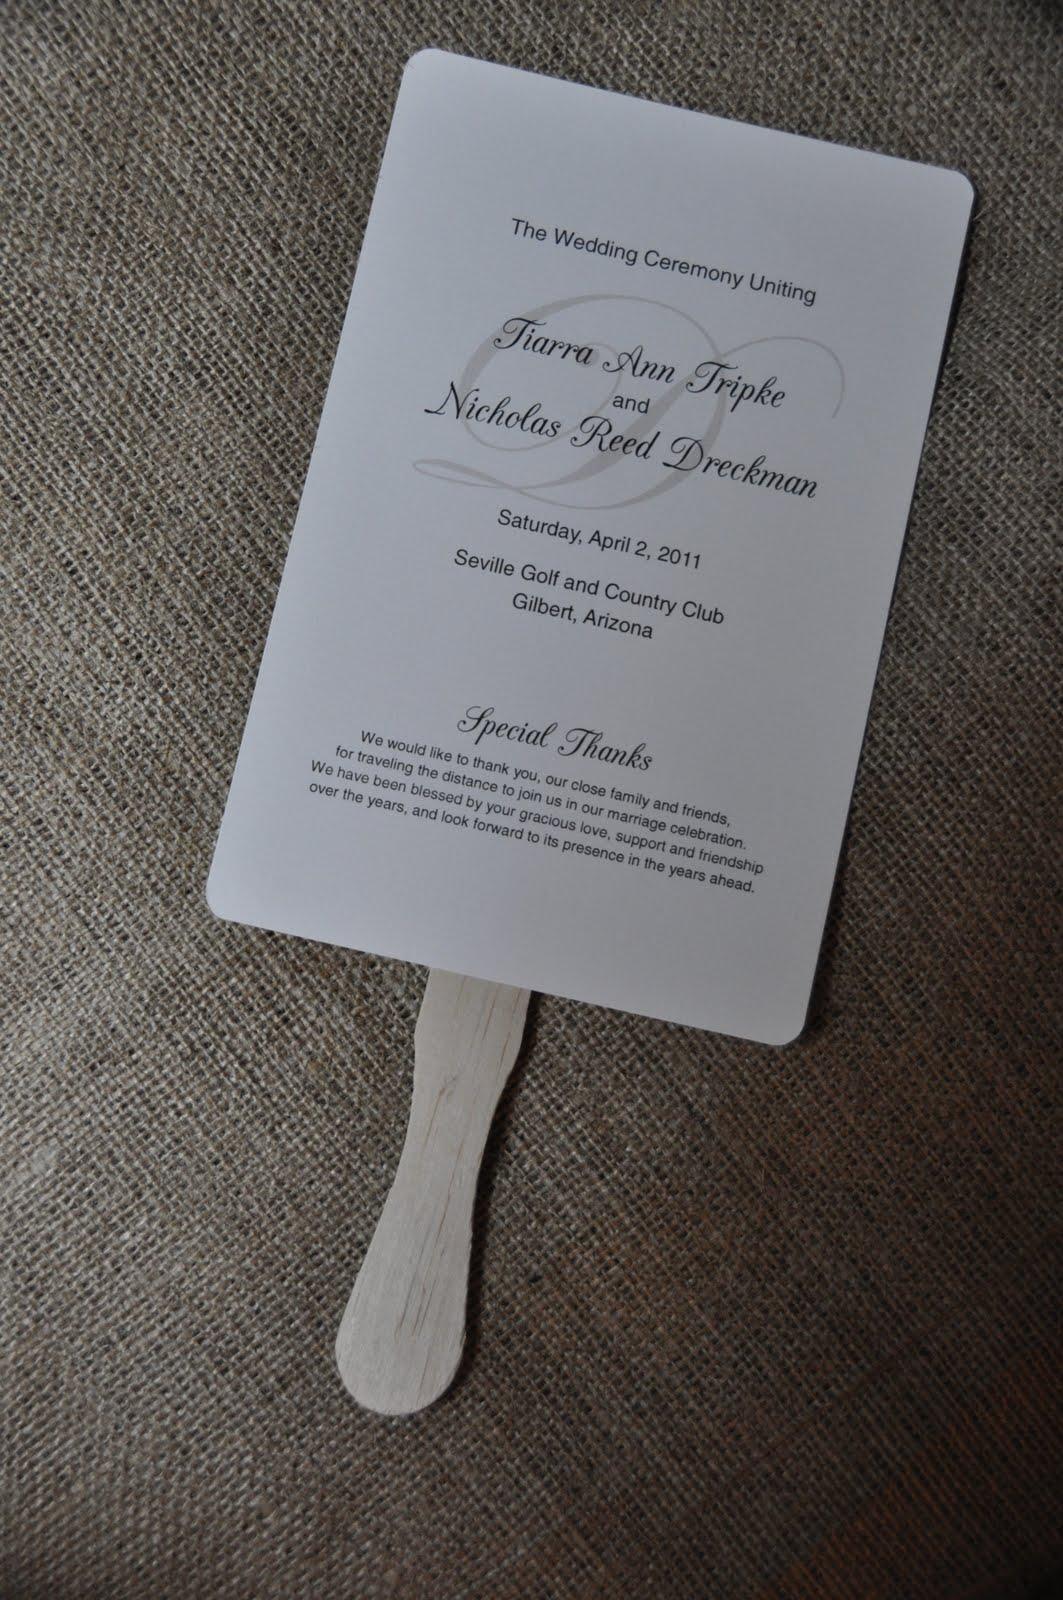 wedding ceremony program fans sendafax090111nのブログ